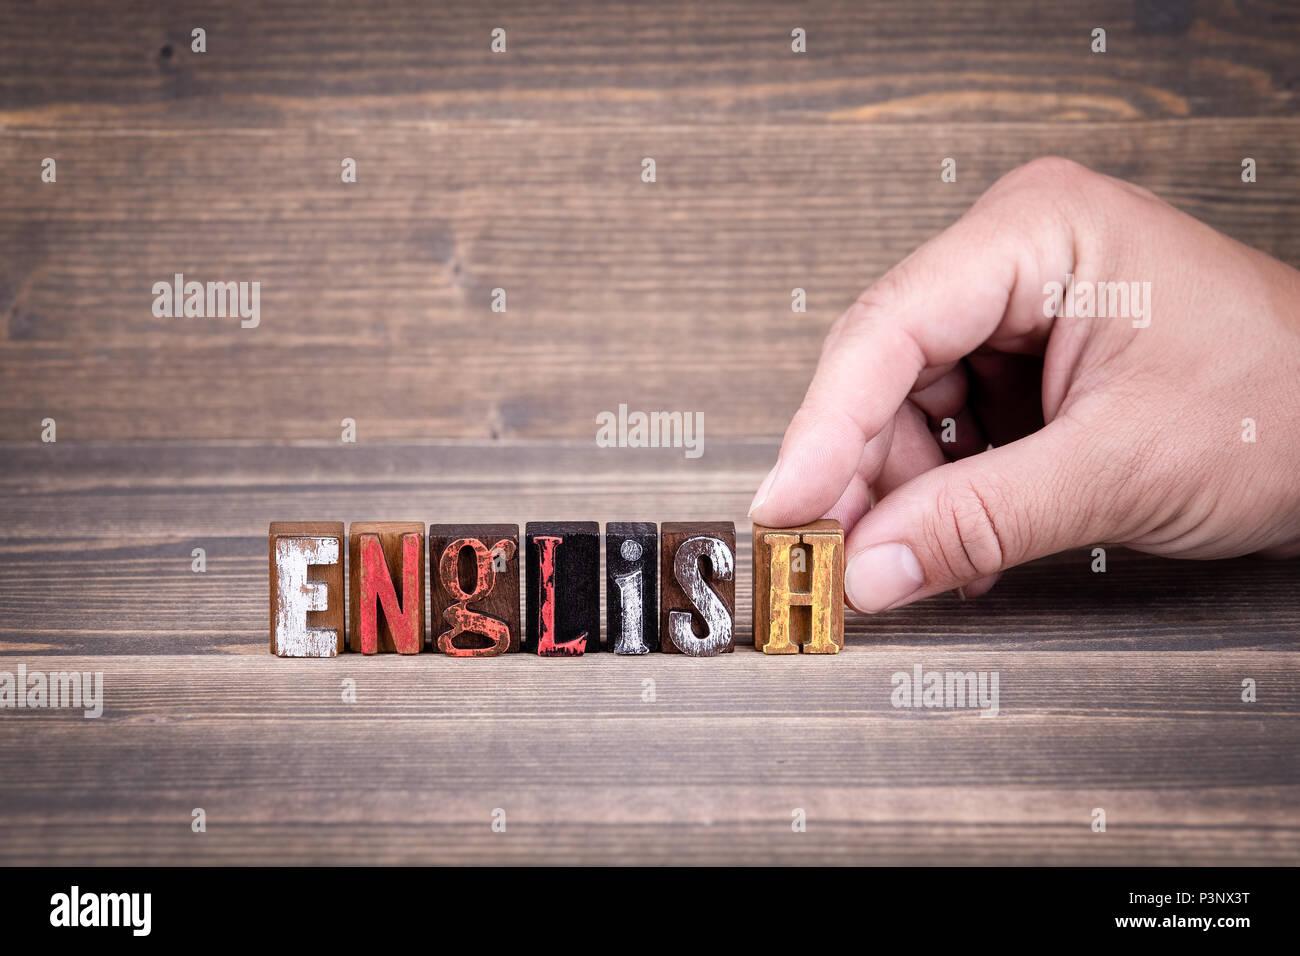 Deutsch, Englisch, Bildung und Business Konzept Stockbild